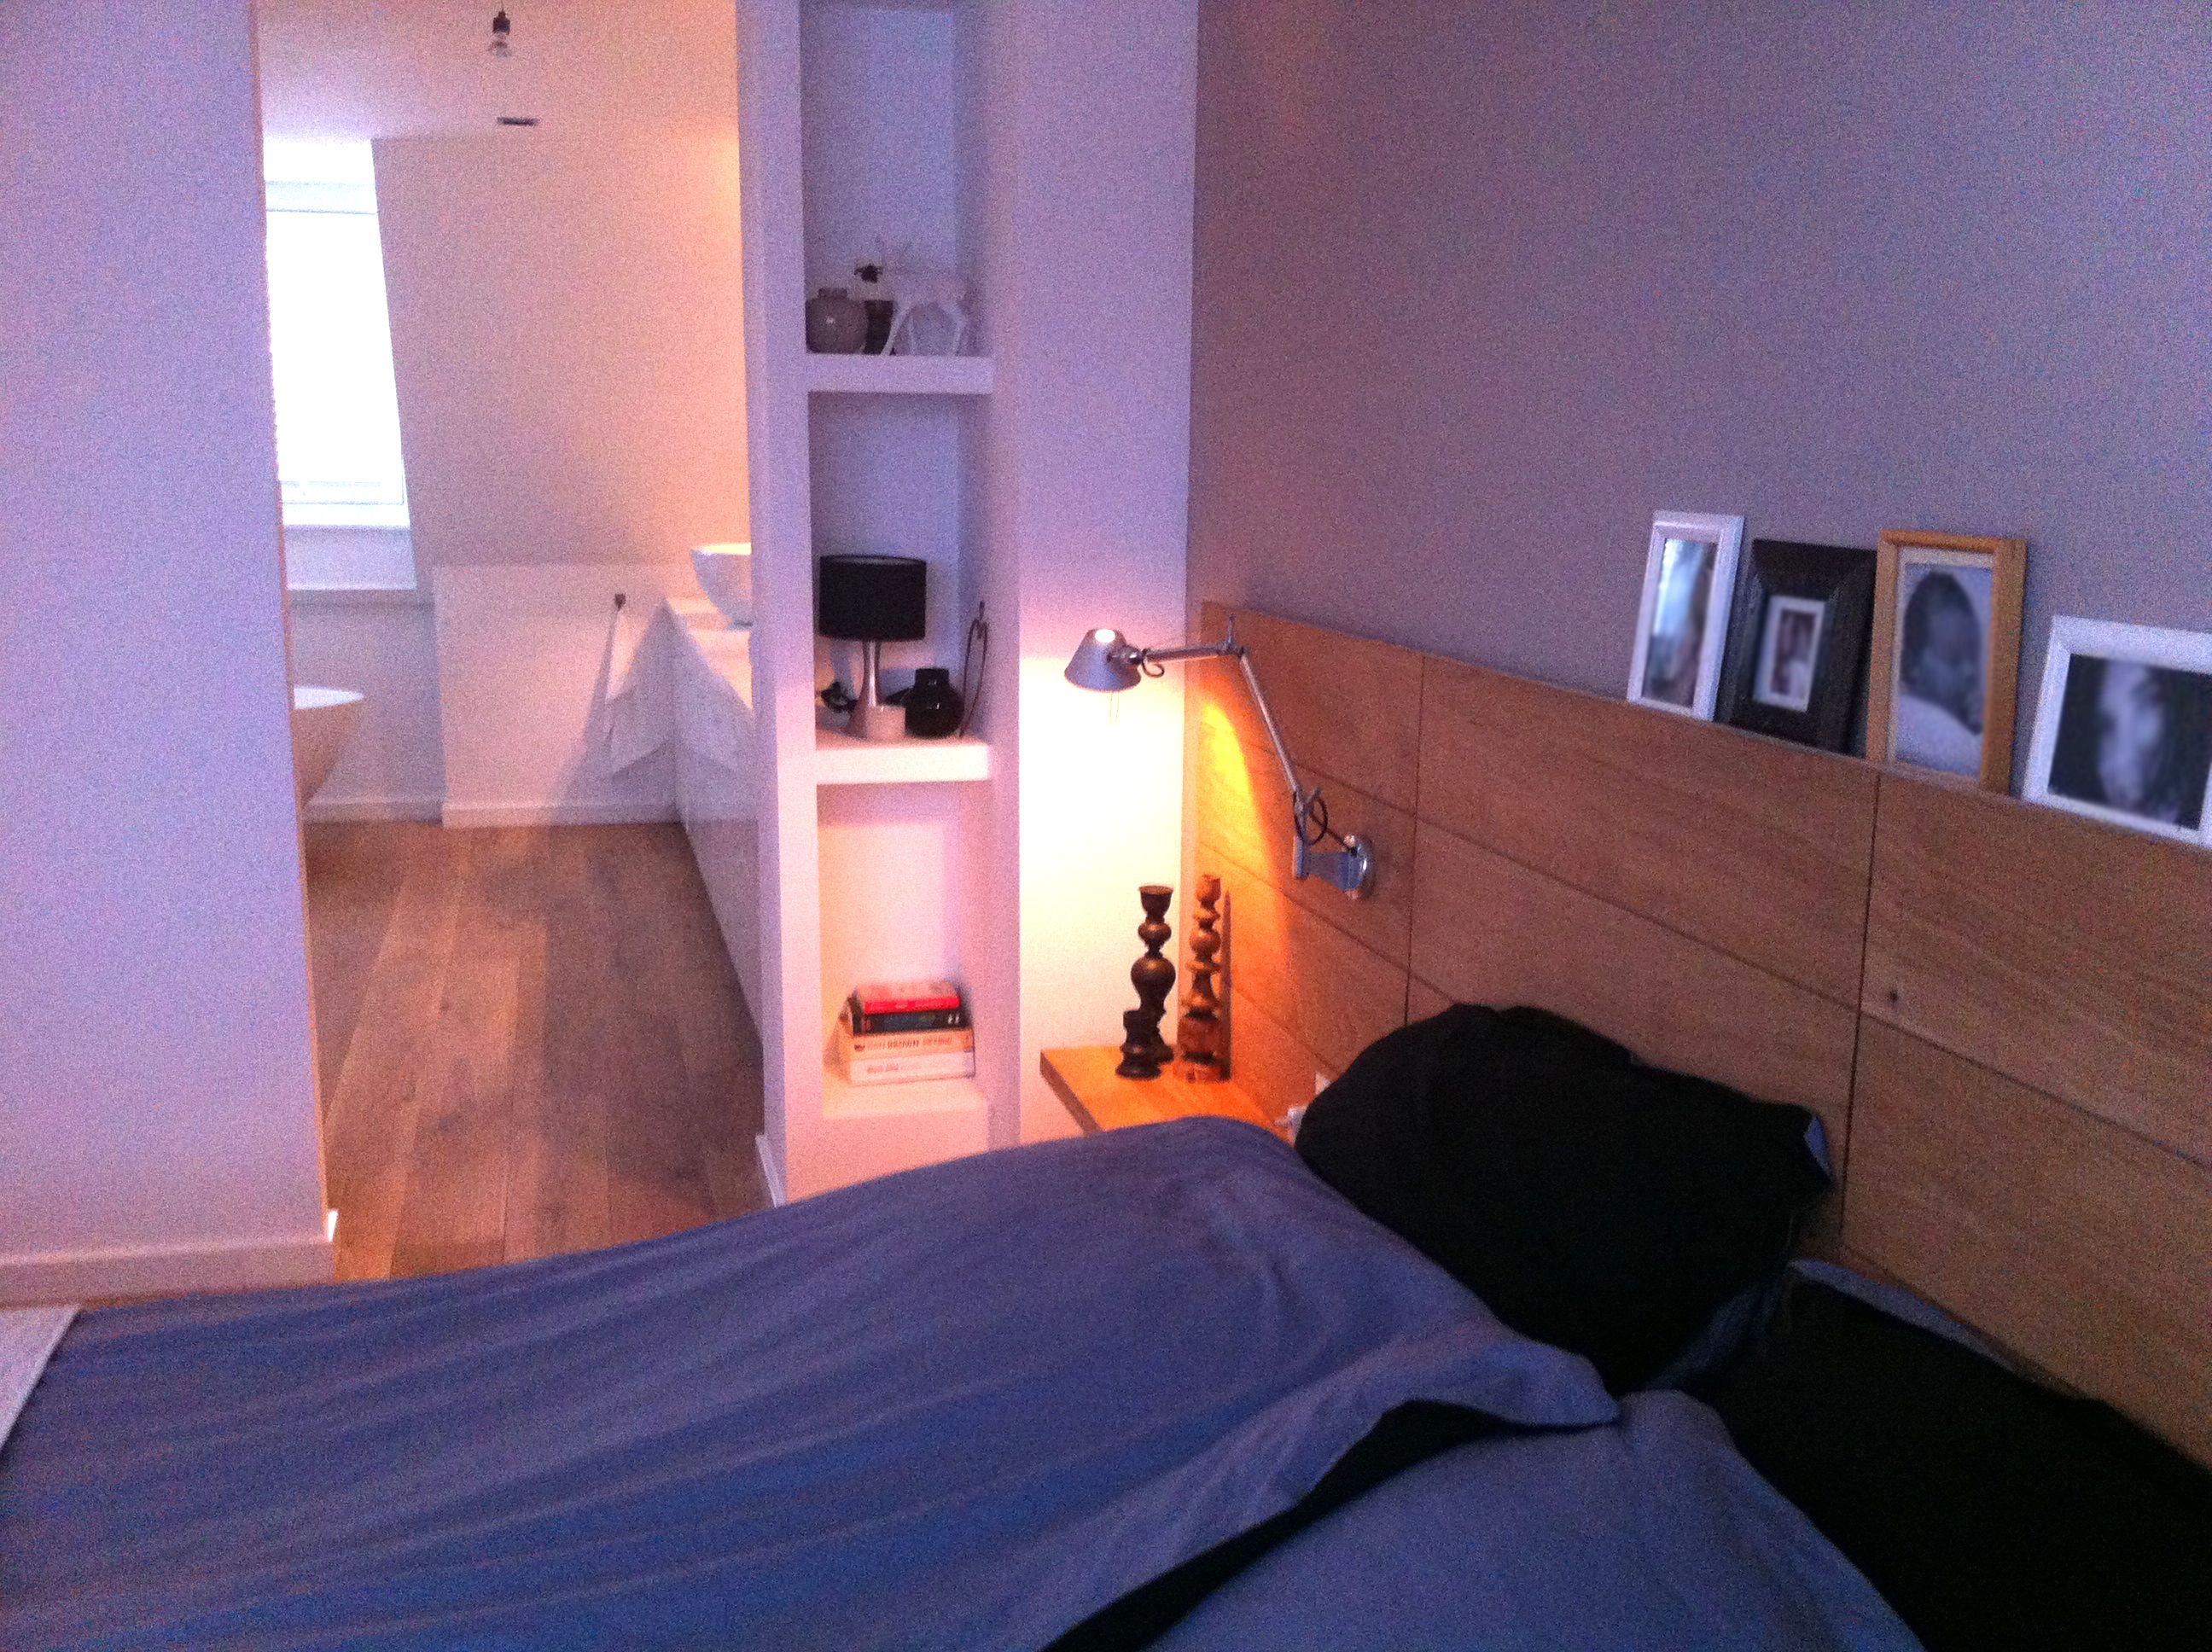 Slaapkamer en suite badkamer bedroom with bathroom hoofdbord bed